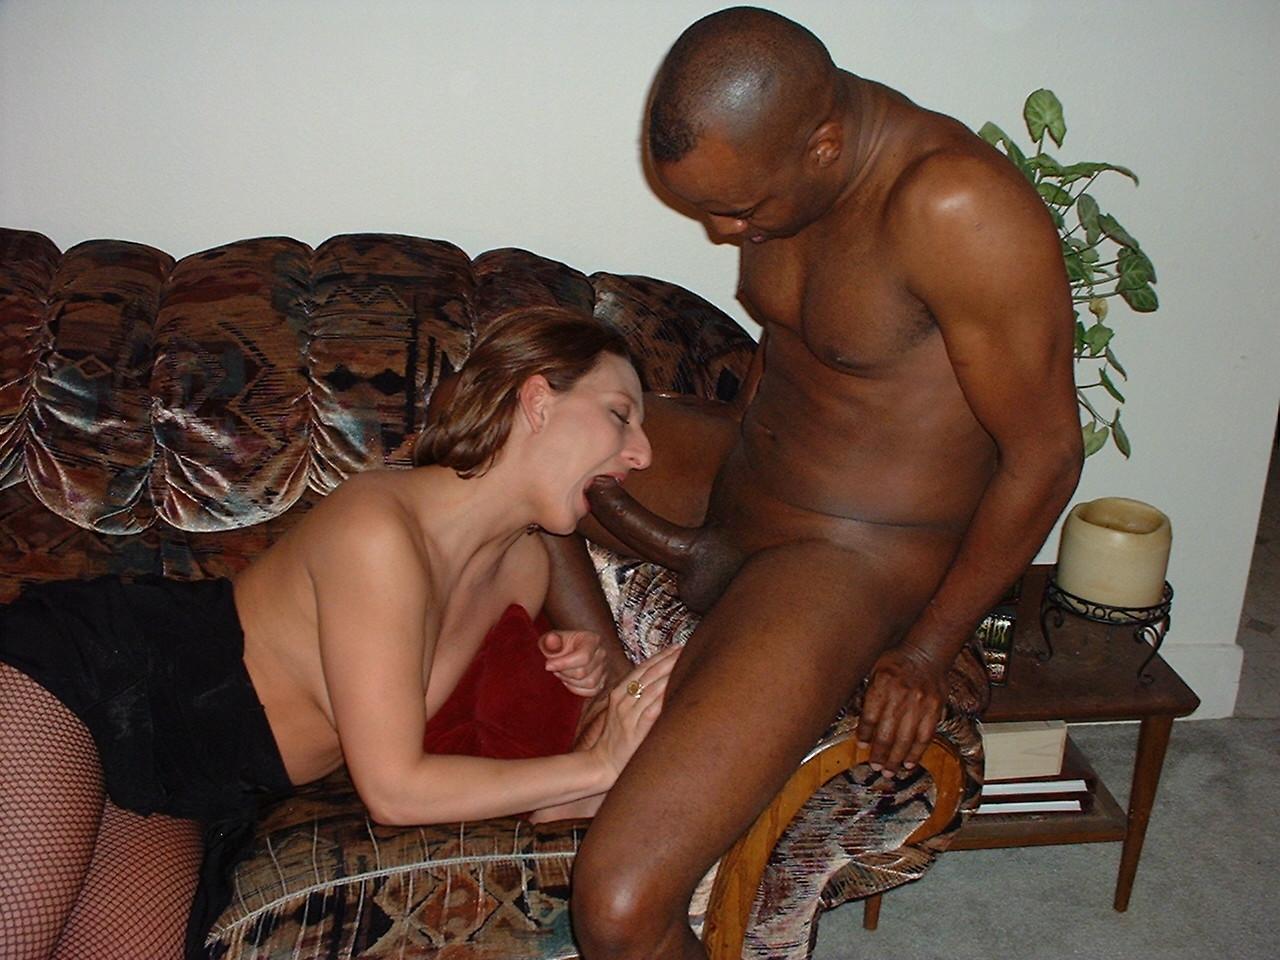 Споили жена с негром в кровати при муже